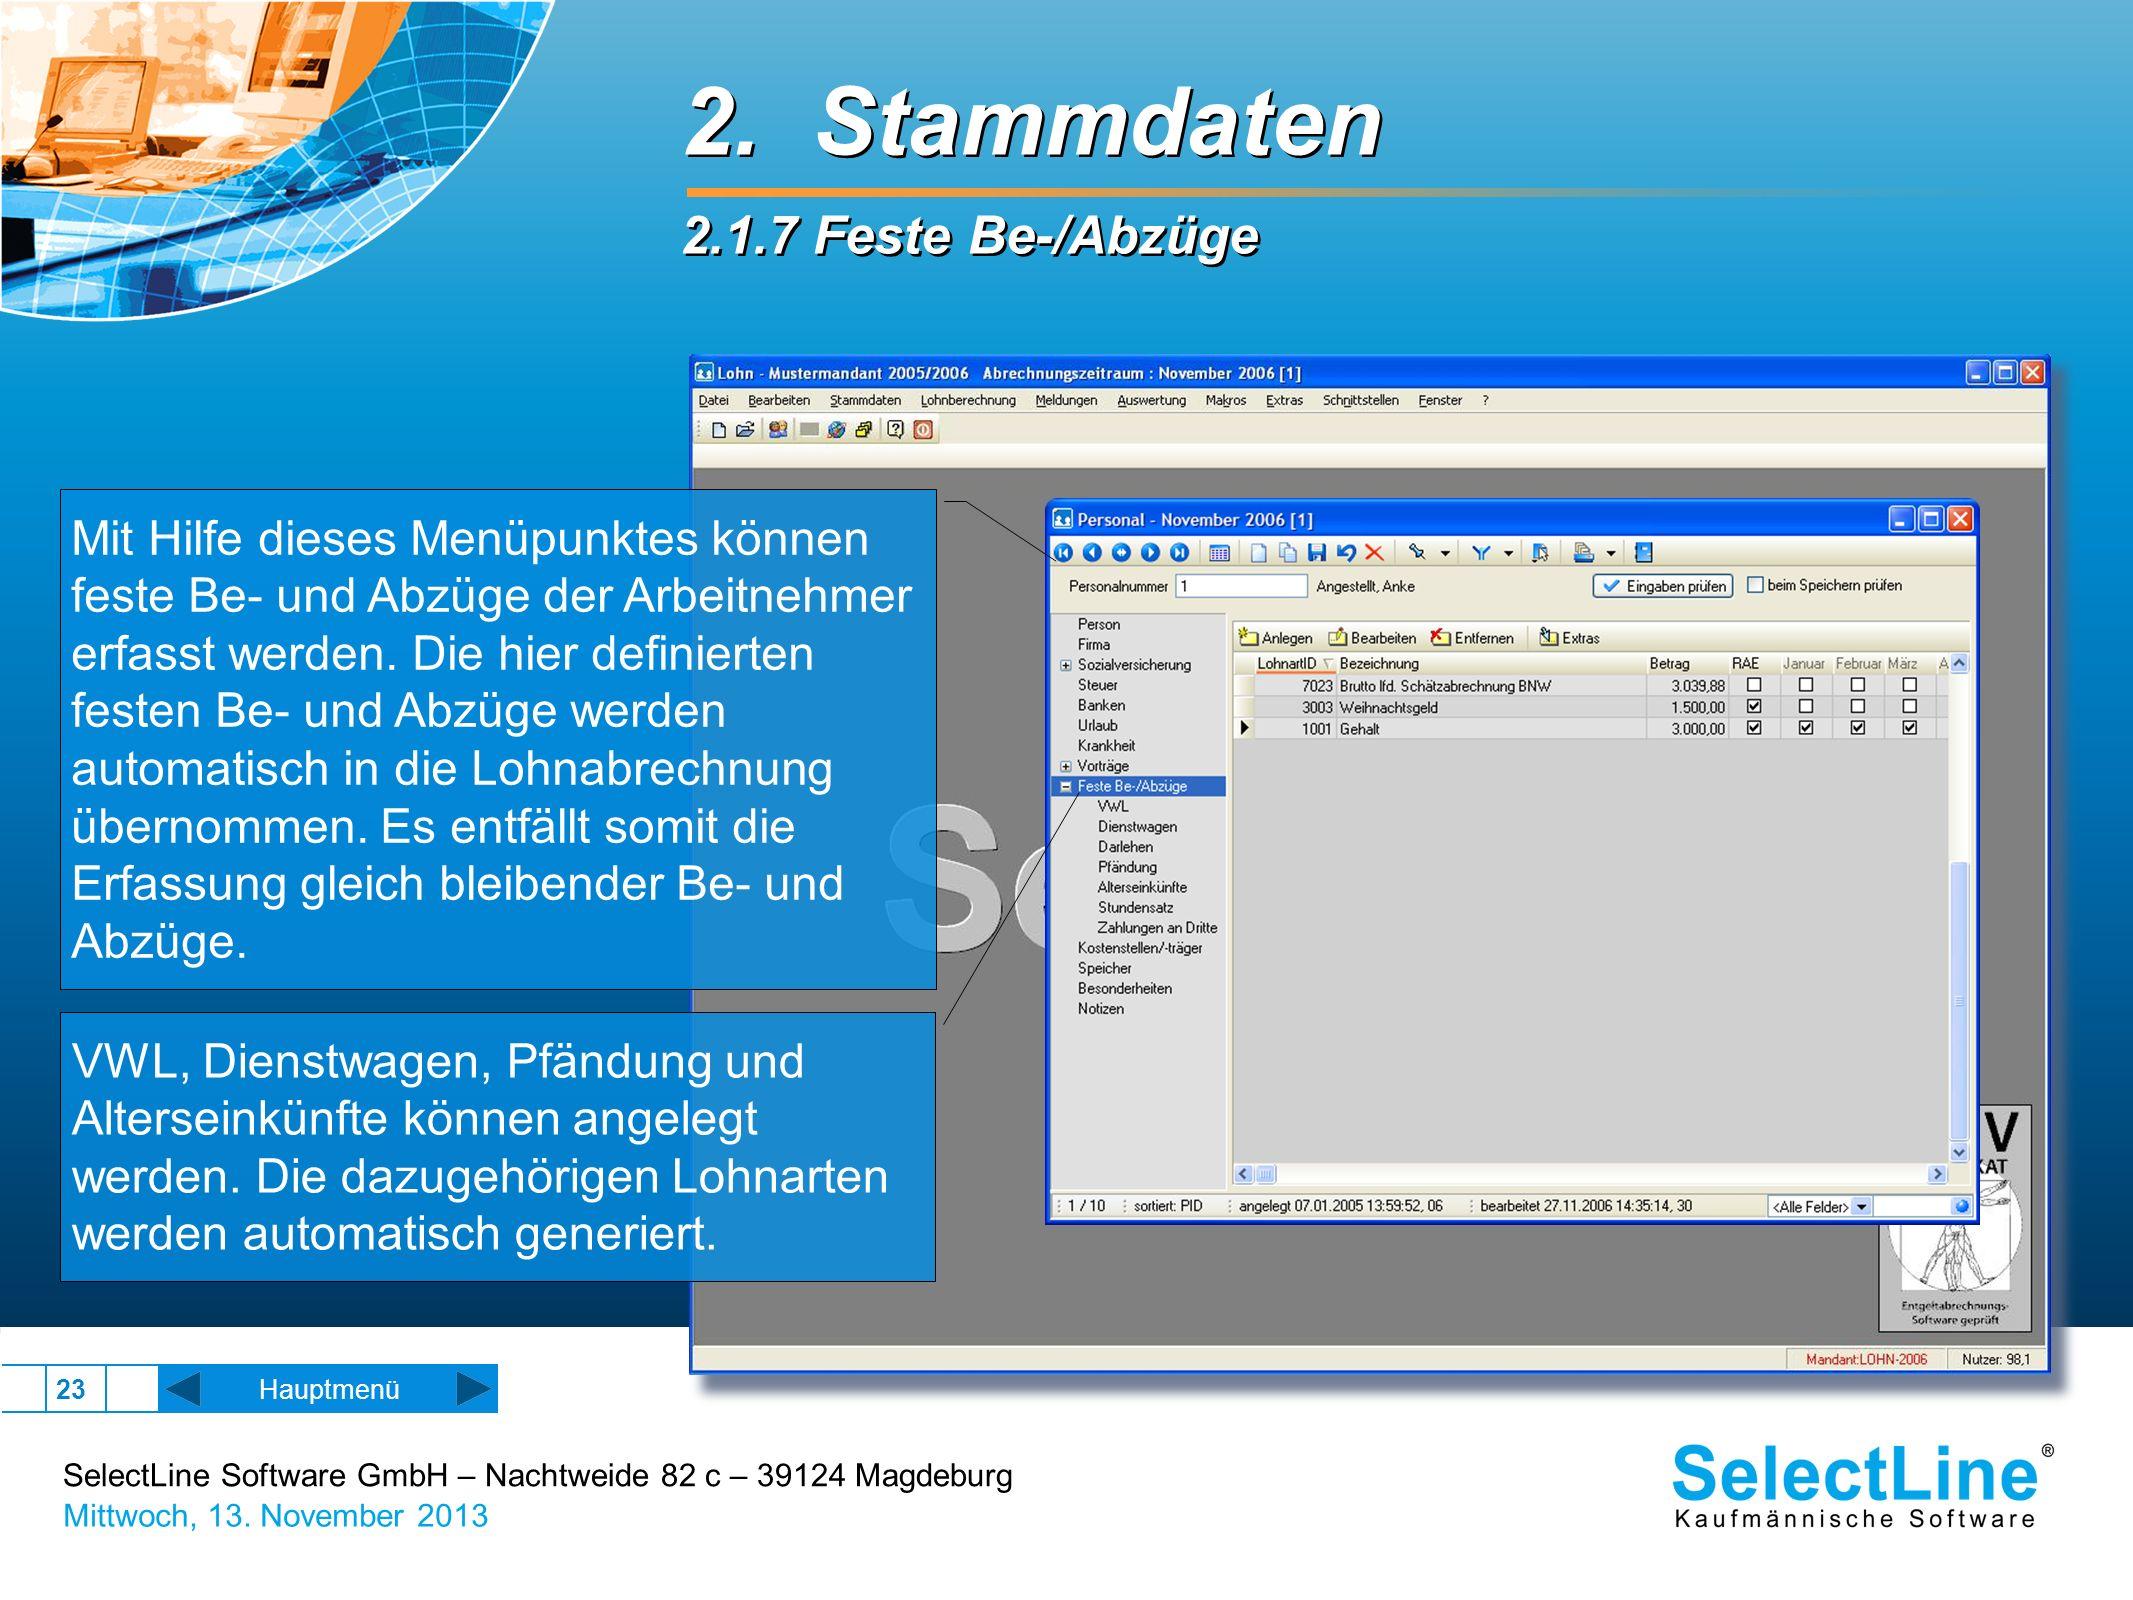 SelectLine Software GmbH – Nachtweide 82 c – 39124 Magdeburg Mittwoch, 13. November 2013 23 2. Stammdaten 2.1.7 Feste Be-/Abzüge 2. Stammdaten 2.1.7 F